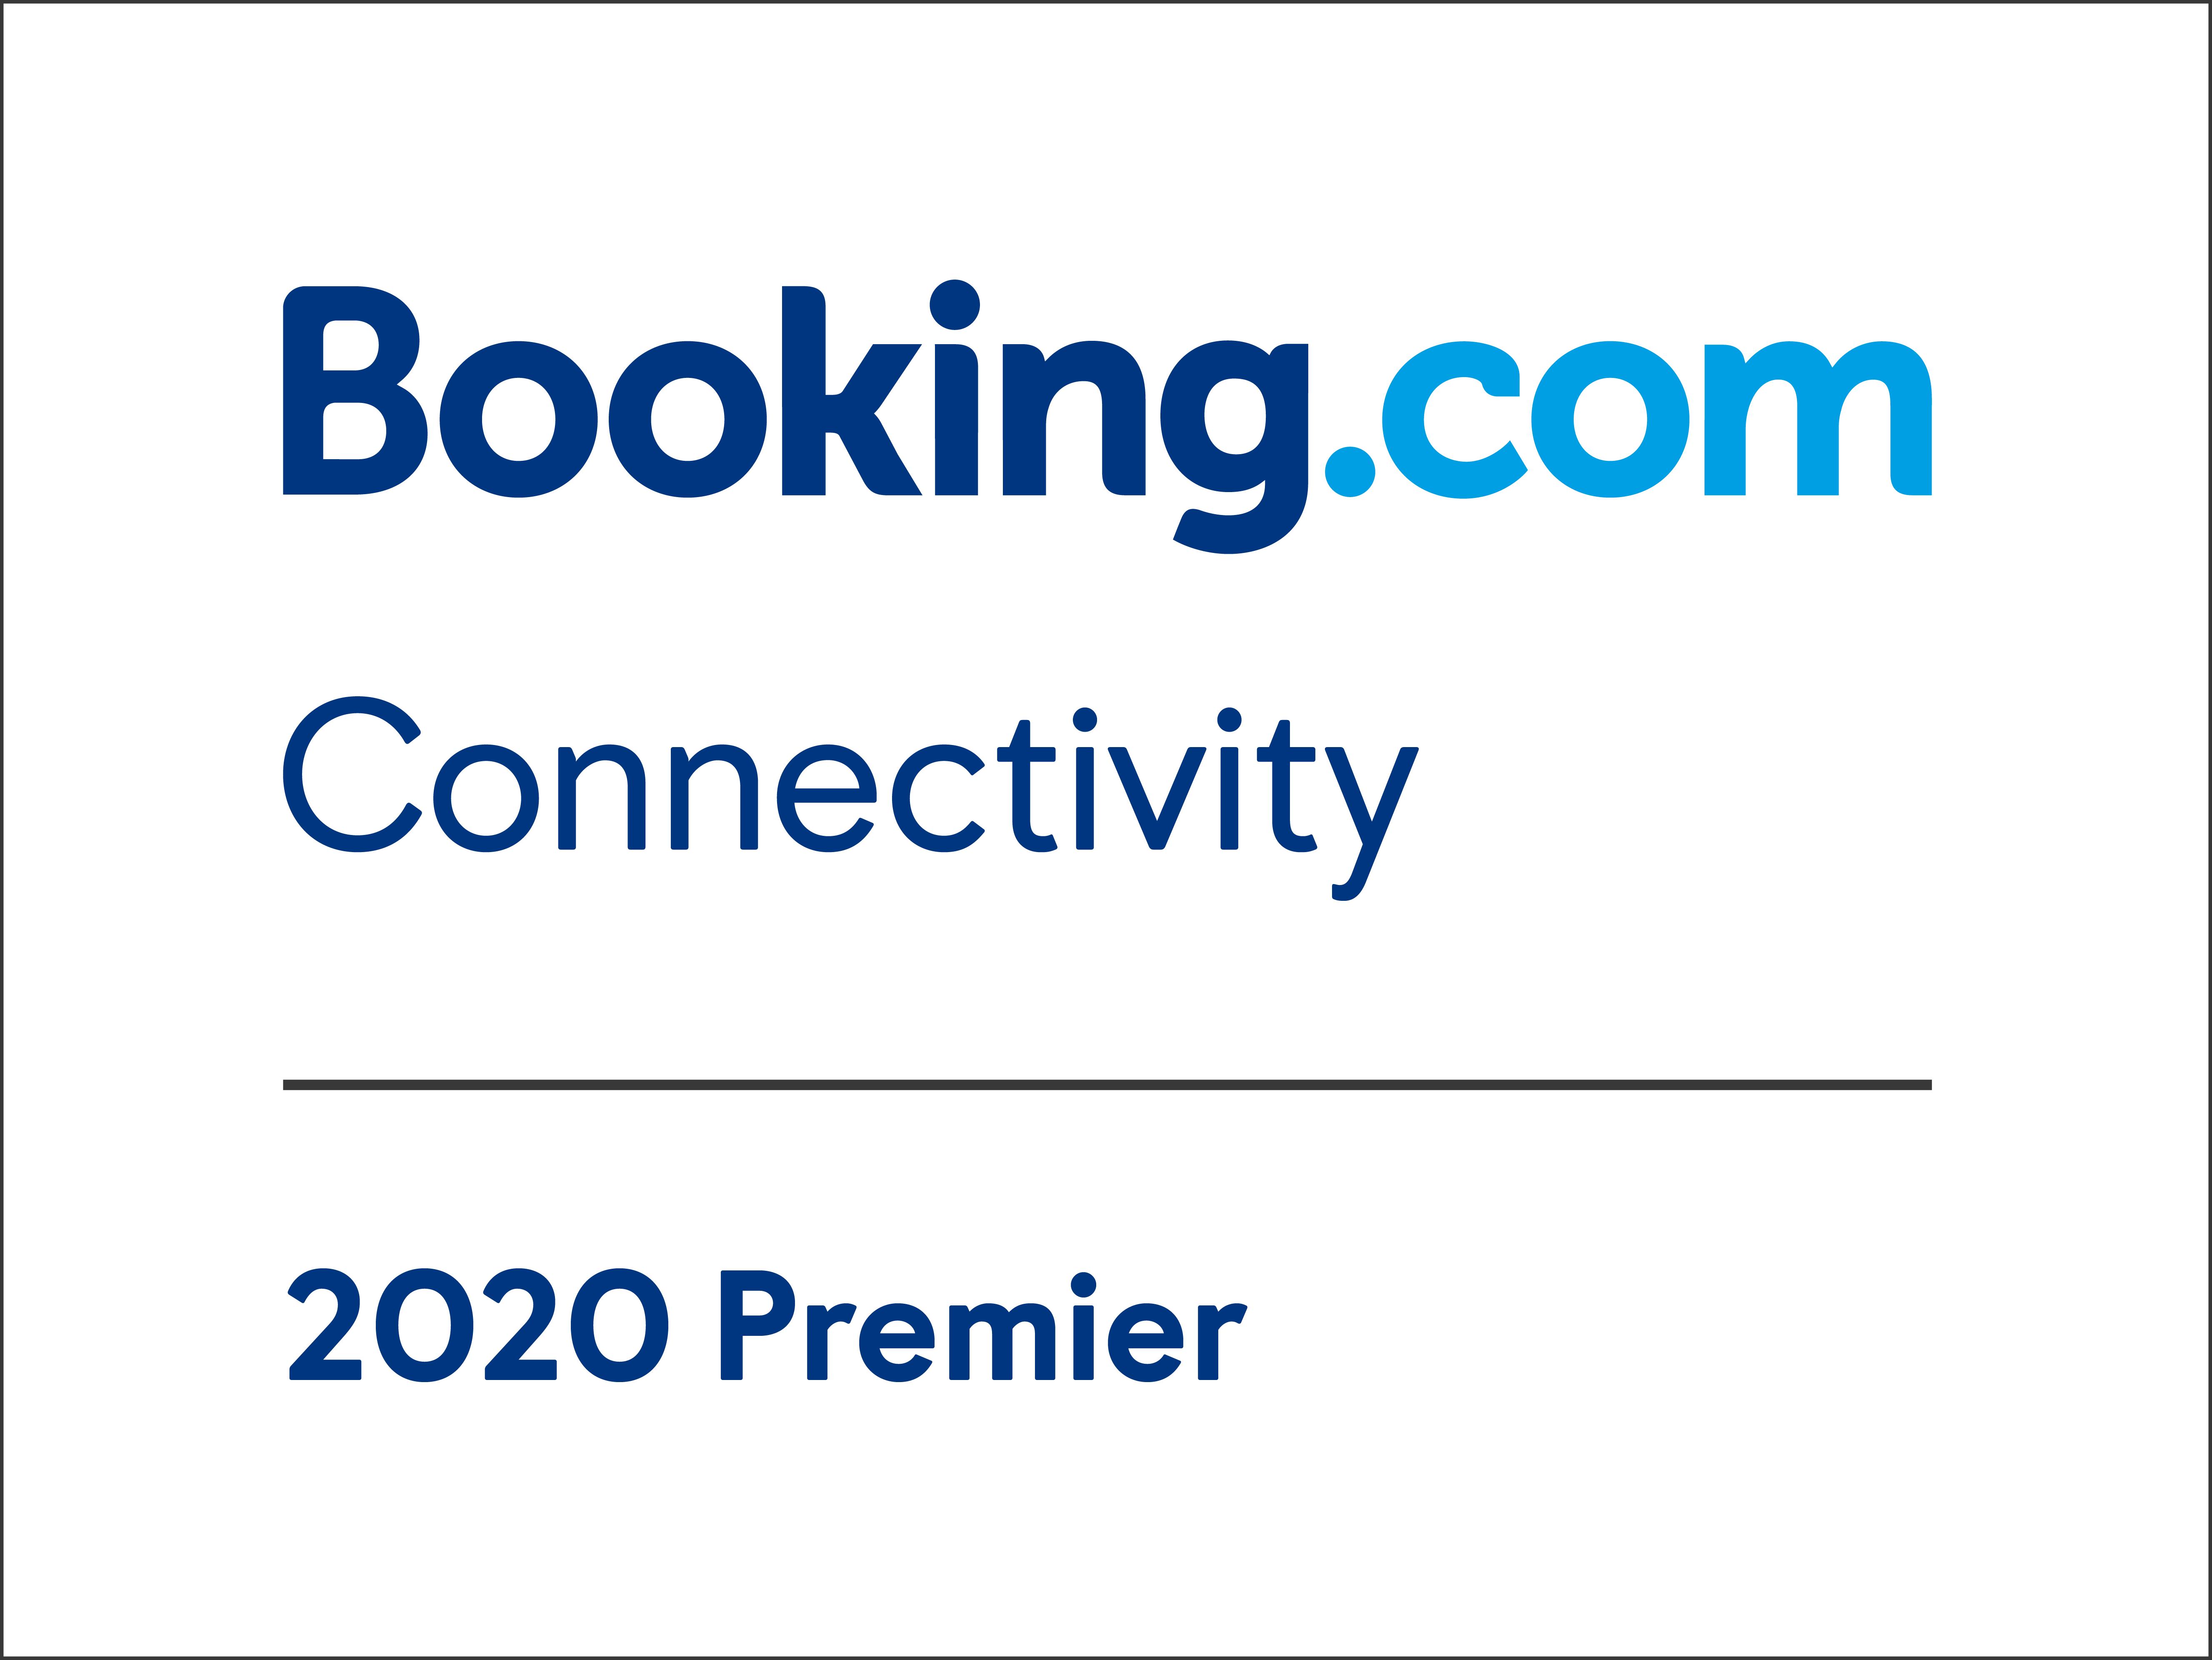 Hotel Link Là Đối Tác Kết Nối Cao Cấp Năm 2020 Của Booking.com.